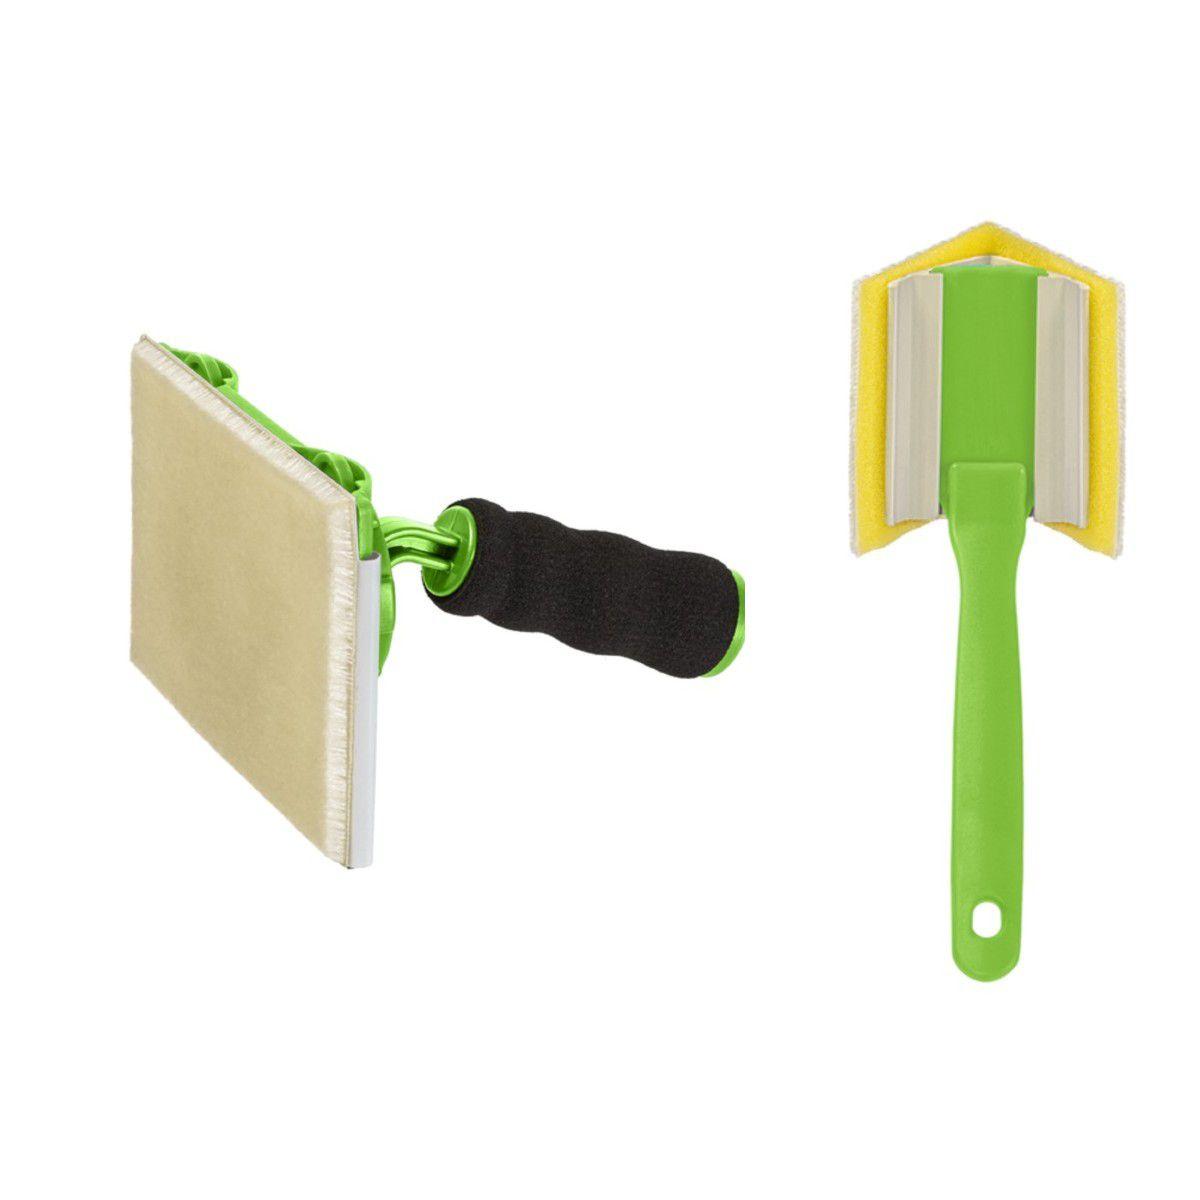 Kit Pads De Pintura 360° E 90° De Canto E Recortes C/ Refil